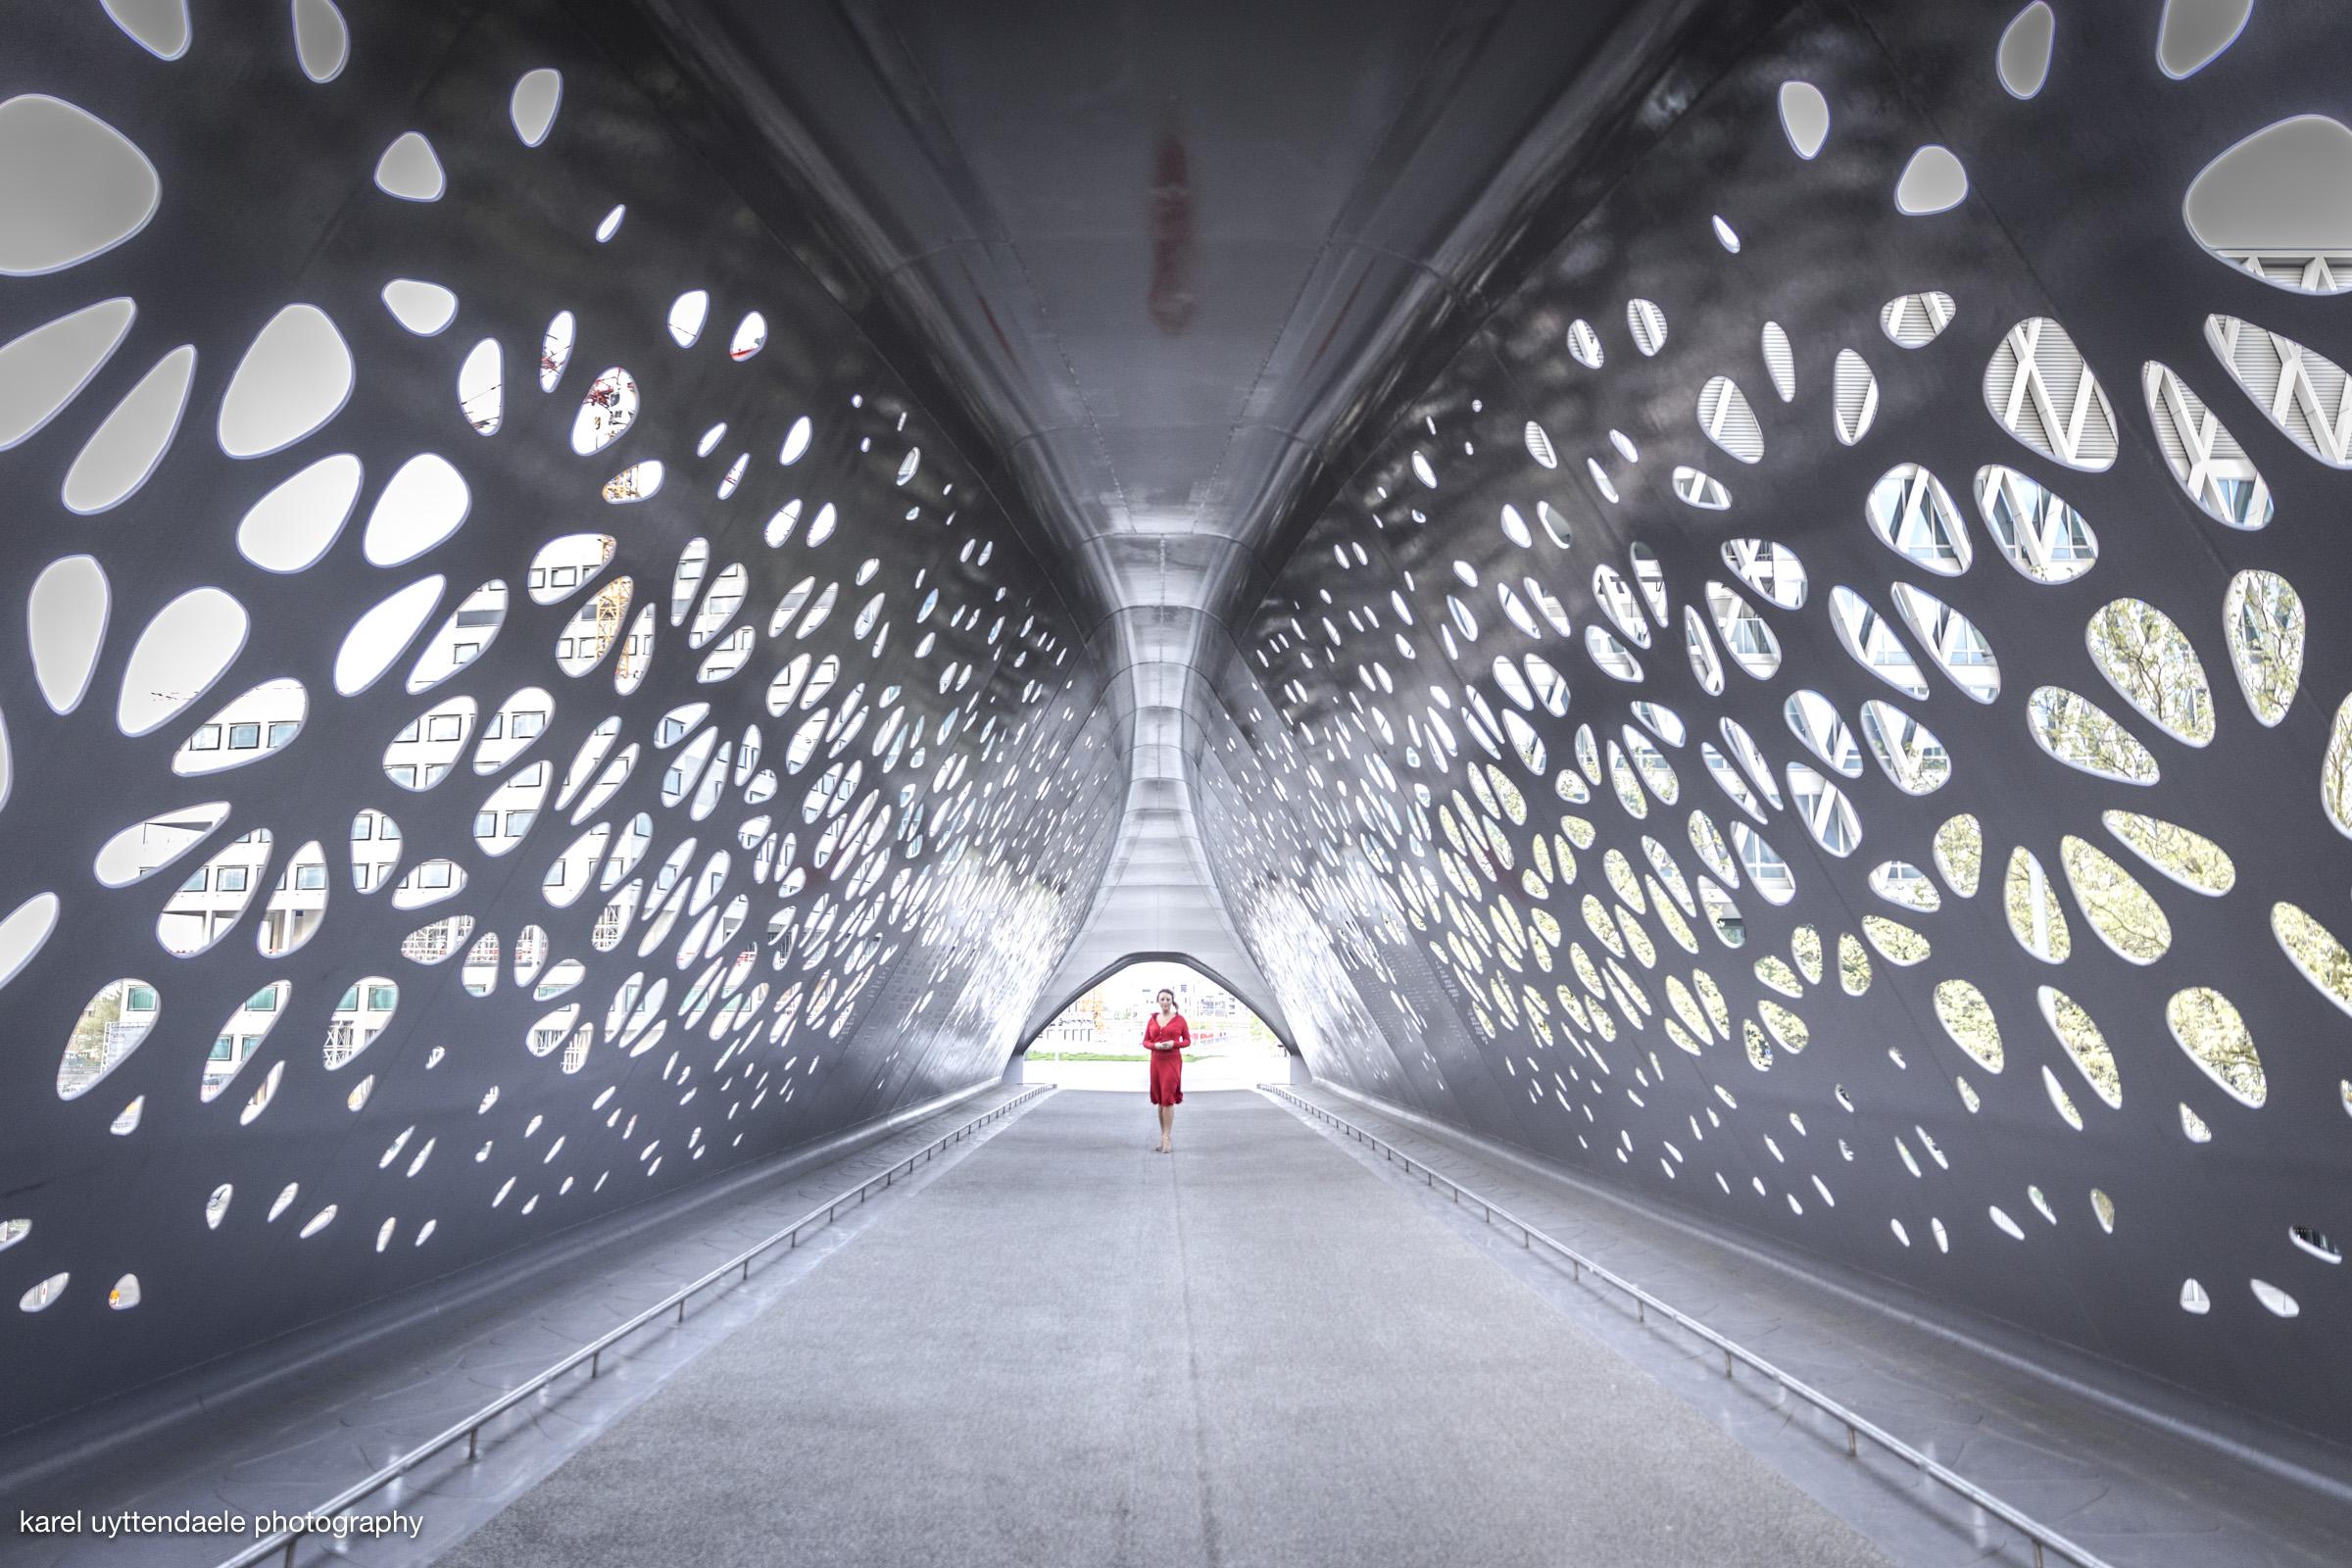 Parkbrug Antwerp - April '18